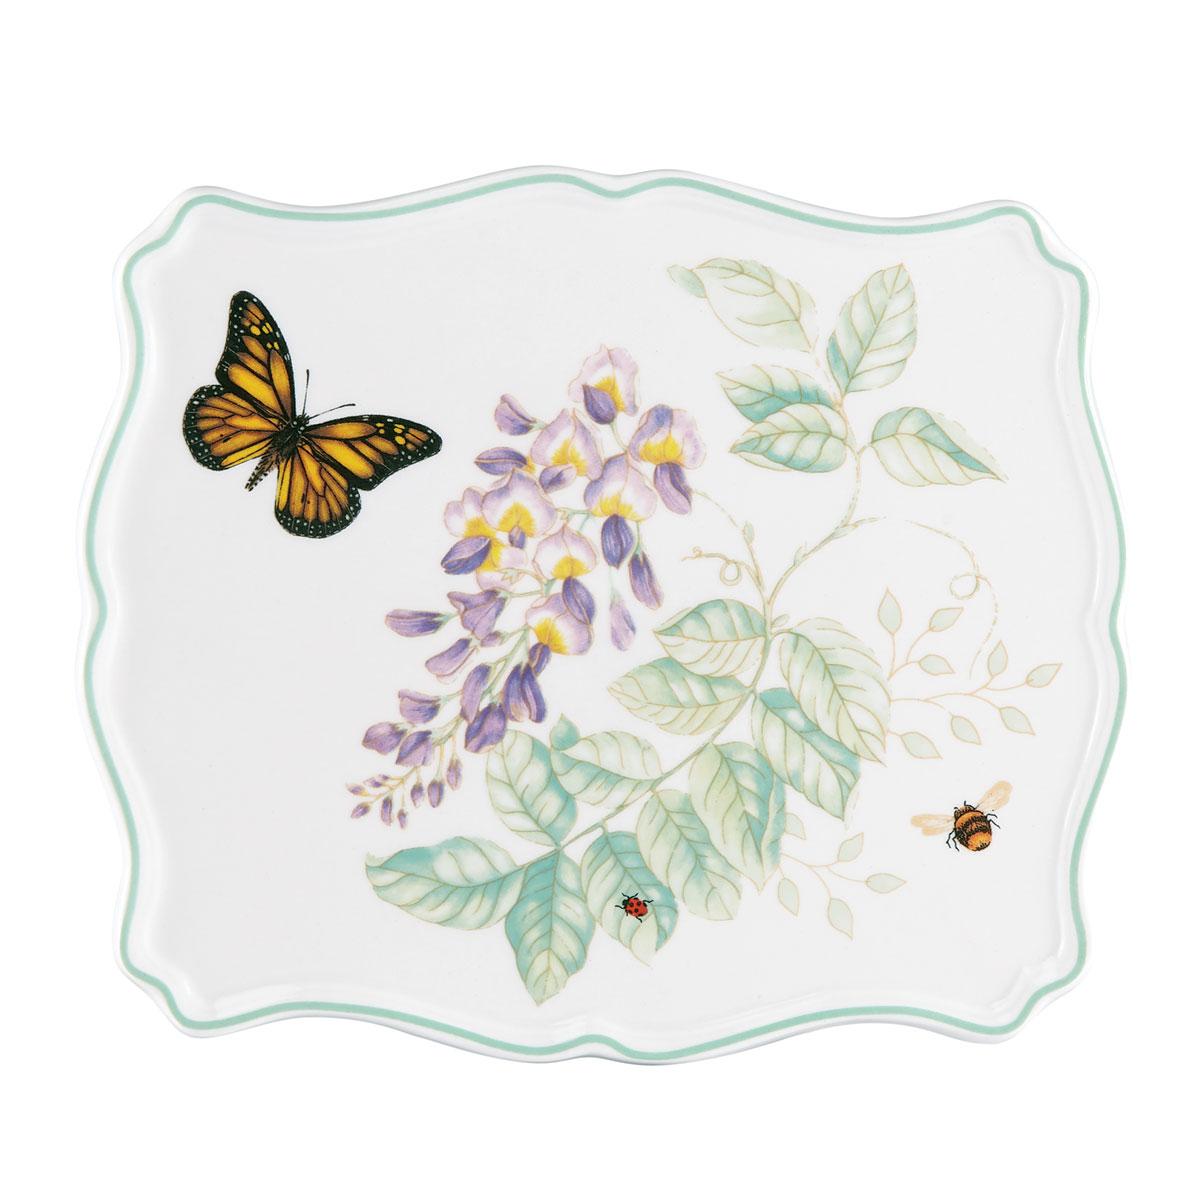 Lenox Butterfly Meadow Dinnerware Trivet